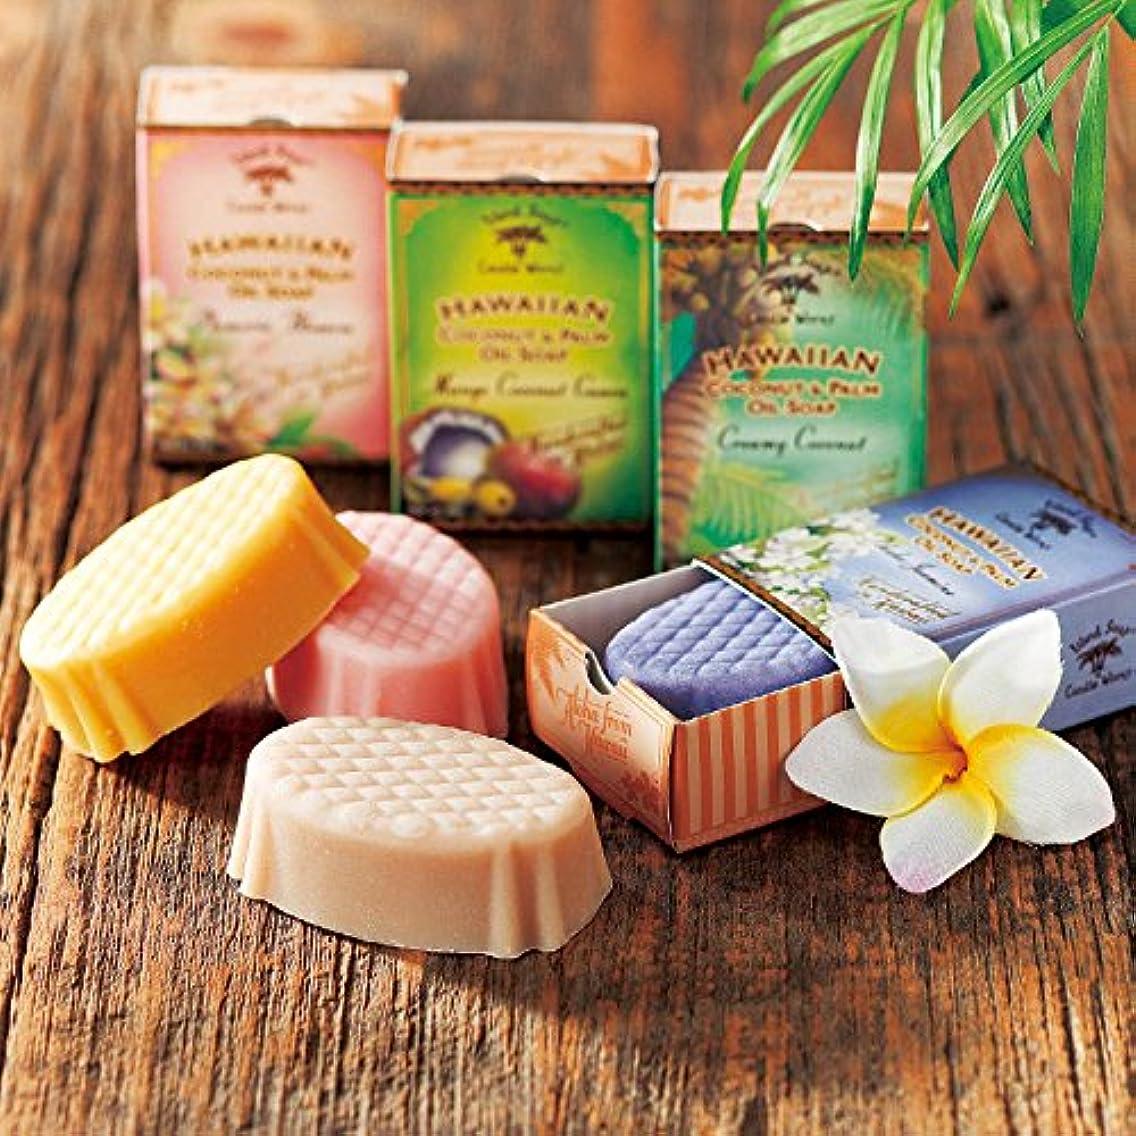 目の前のコイル不満ハワイ 土産 アイランドソープ ココナッツソープ 4種セット (海外旅行 ハワイ お土産)